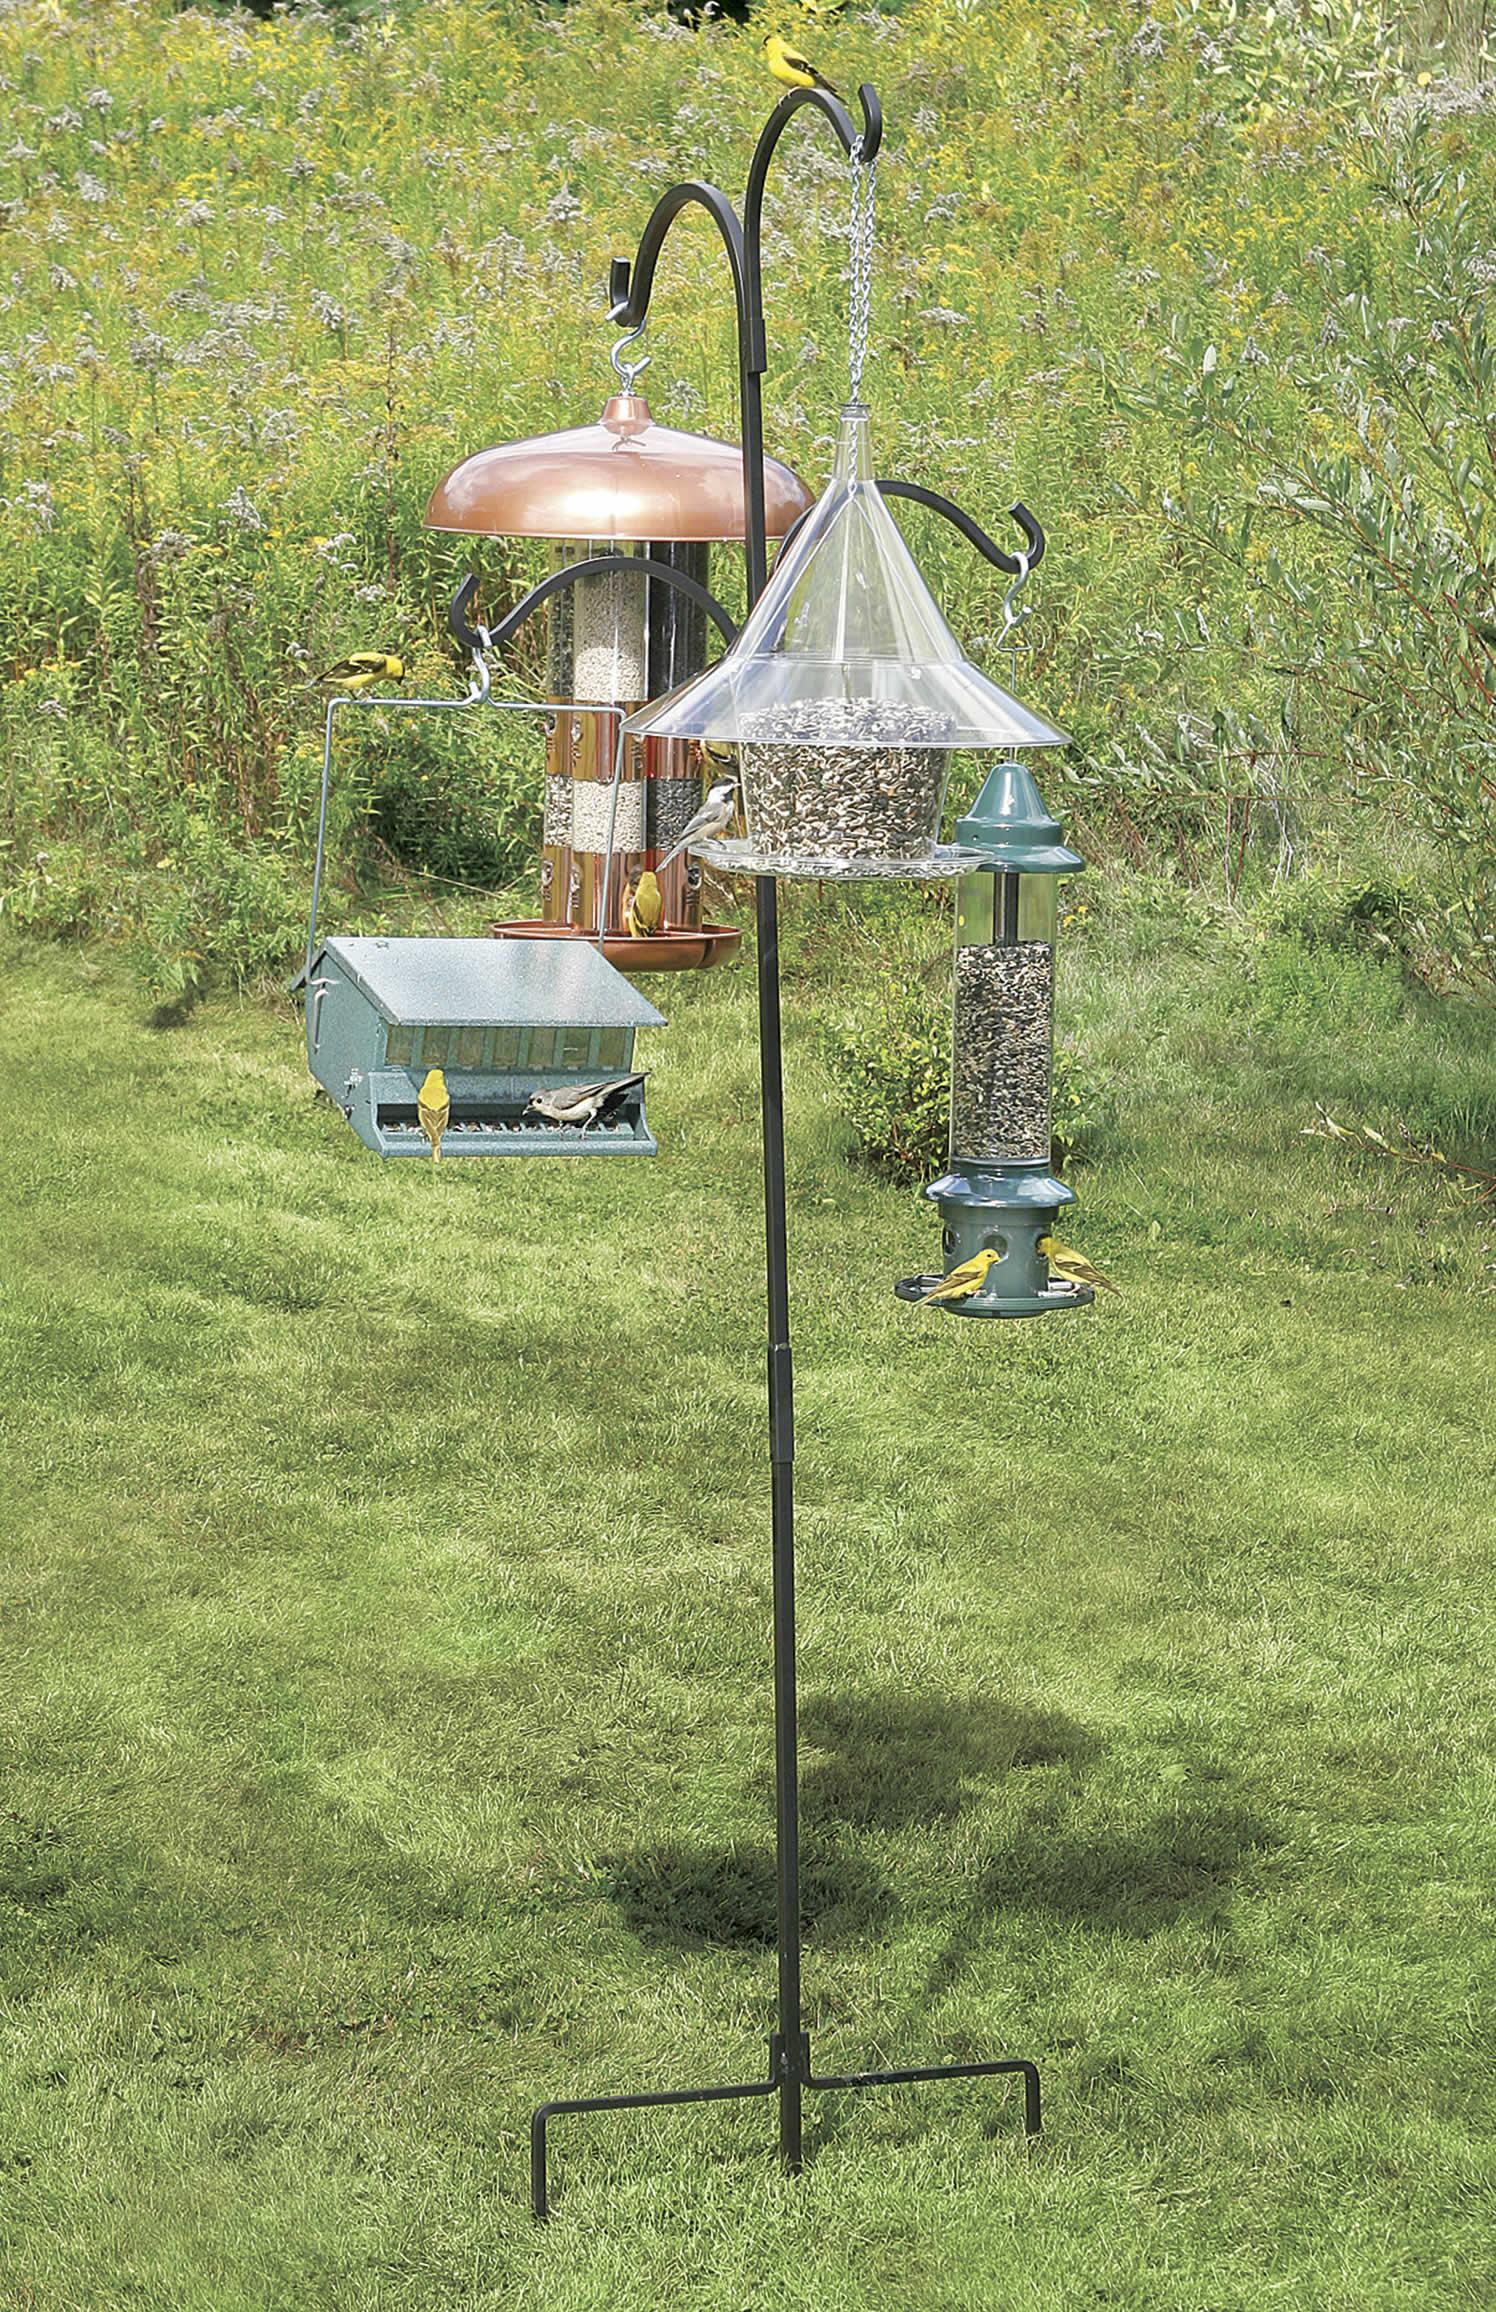 deck decor feeder garden decks hooks collections ashman hangers bird for